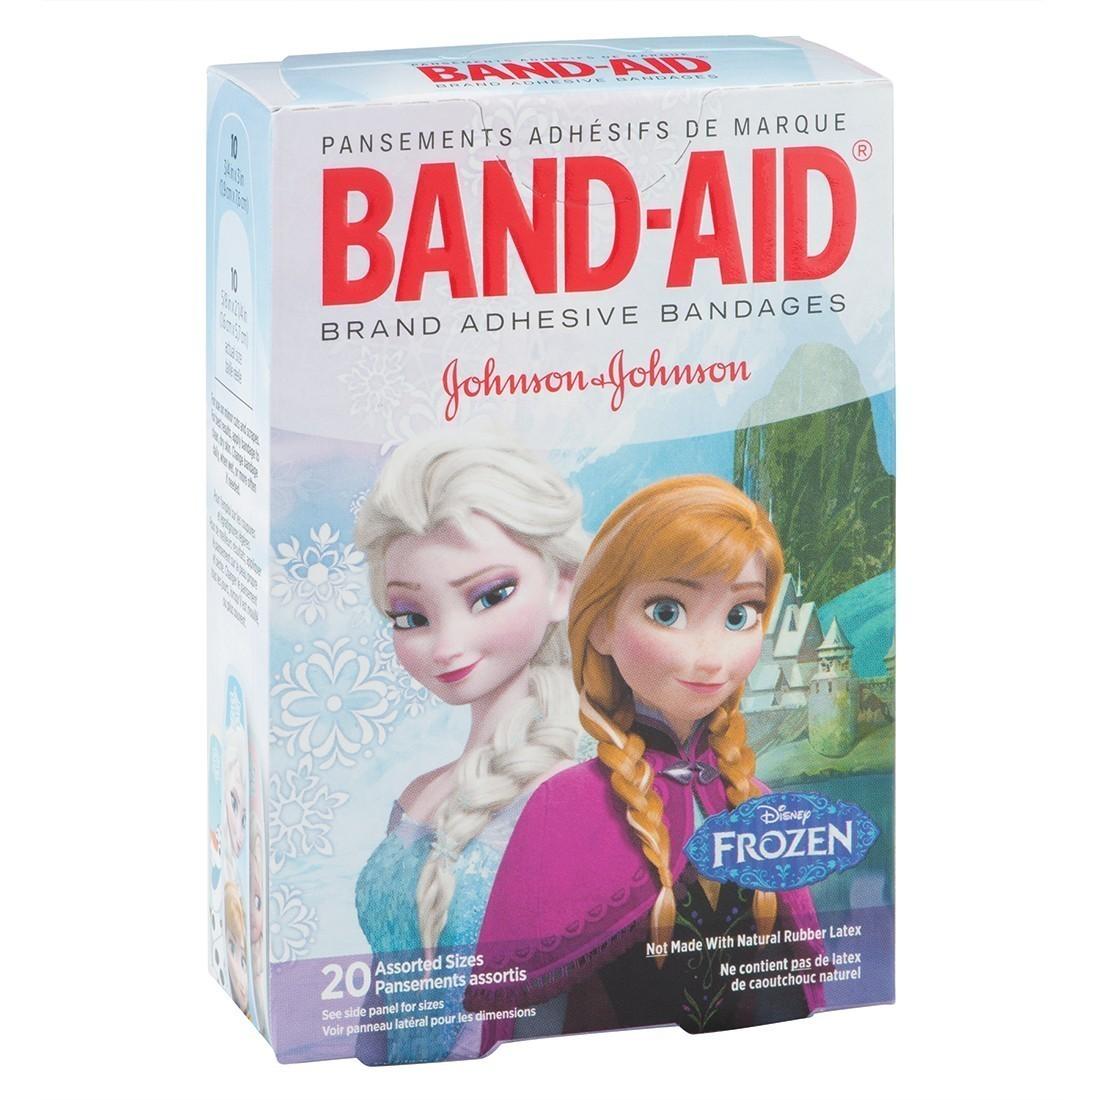 Disney Frozen Bandages [image]